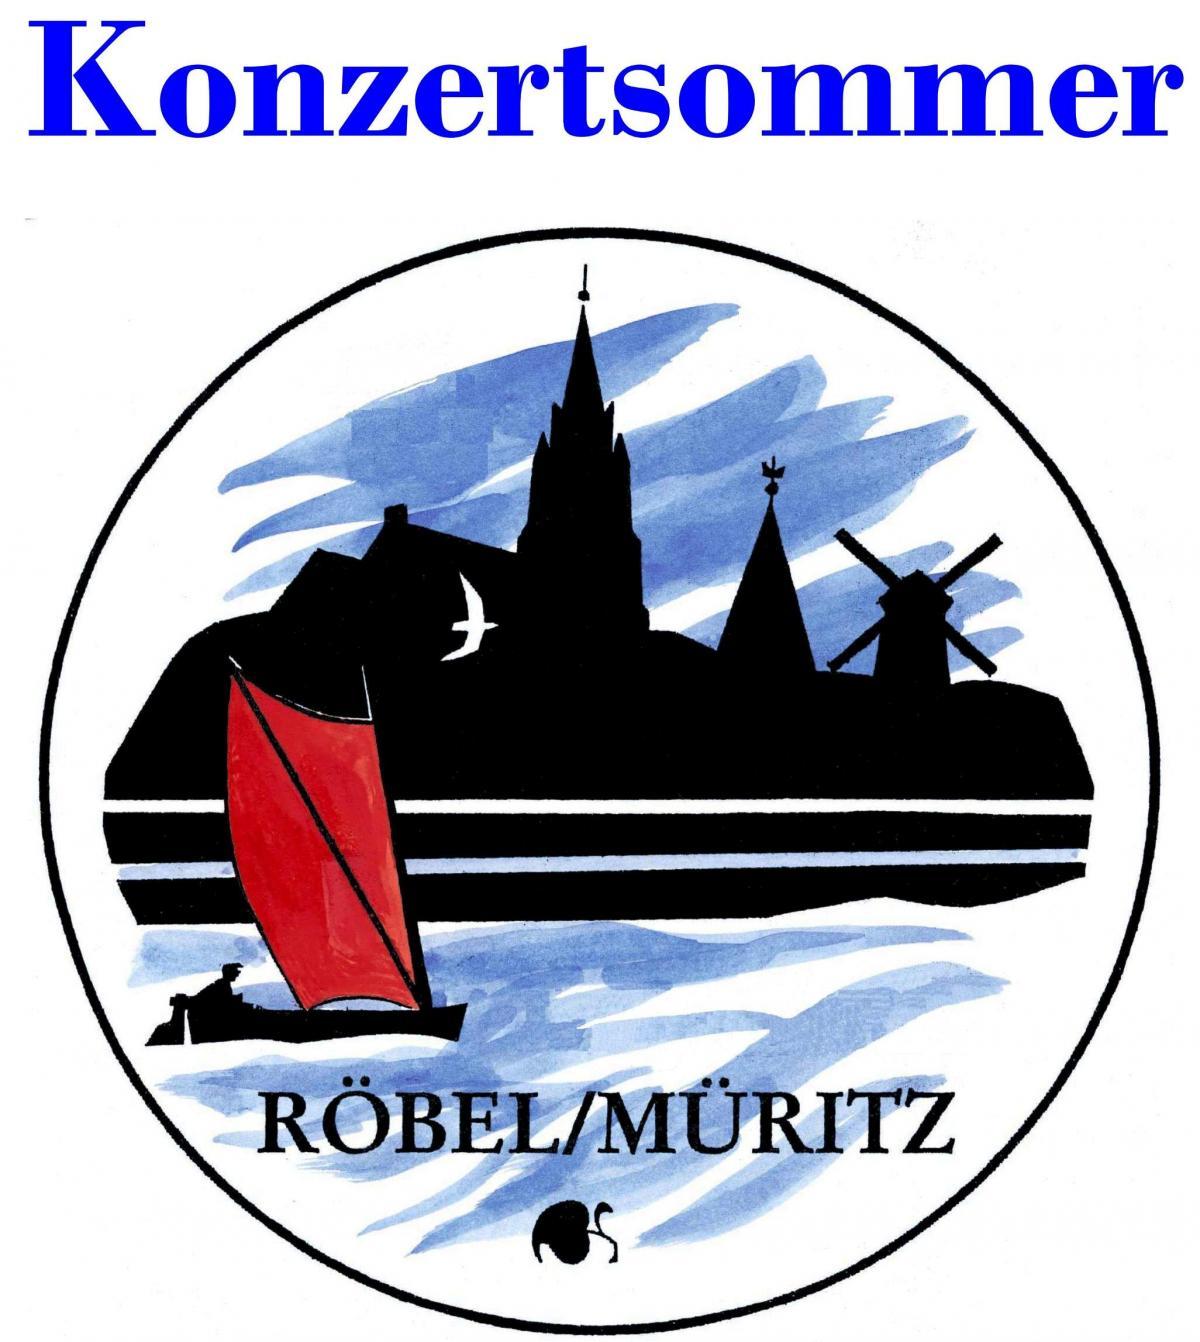 logo-konzertsommer_1